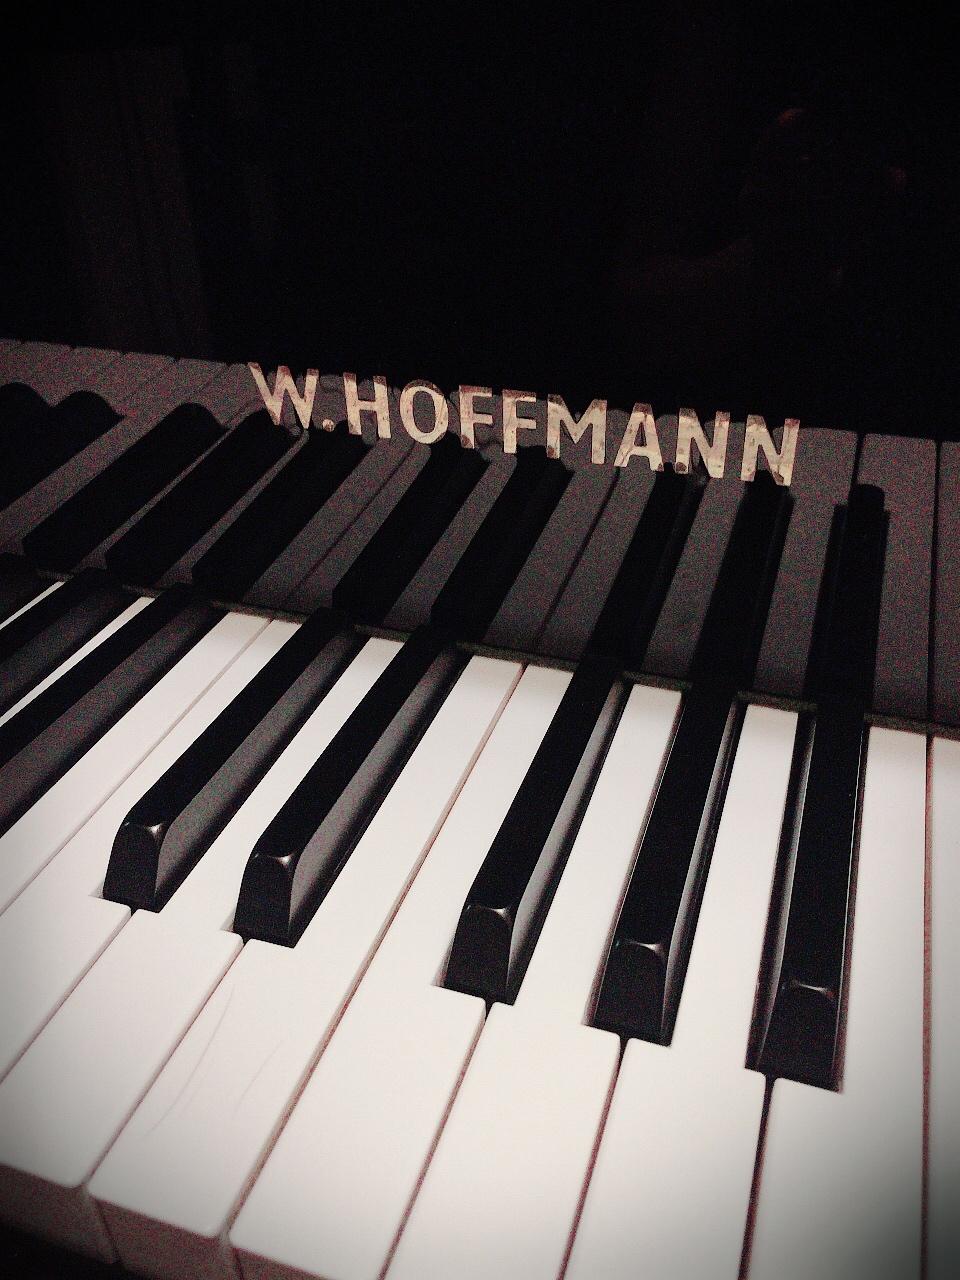 教室のピアノはHOFFMANNのグランドピアノを使用しています。